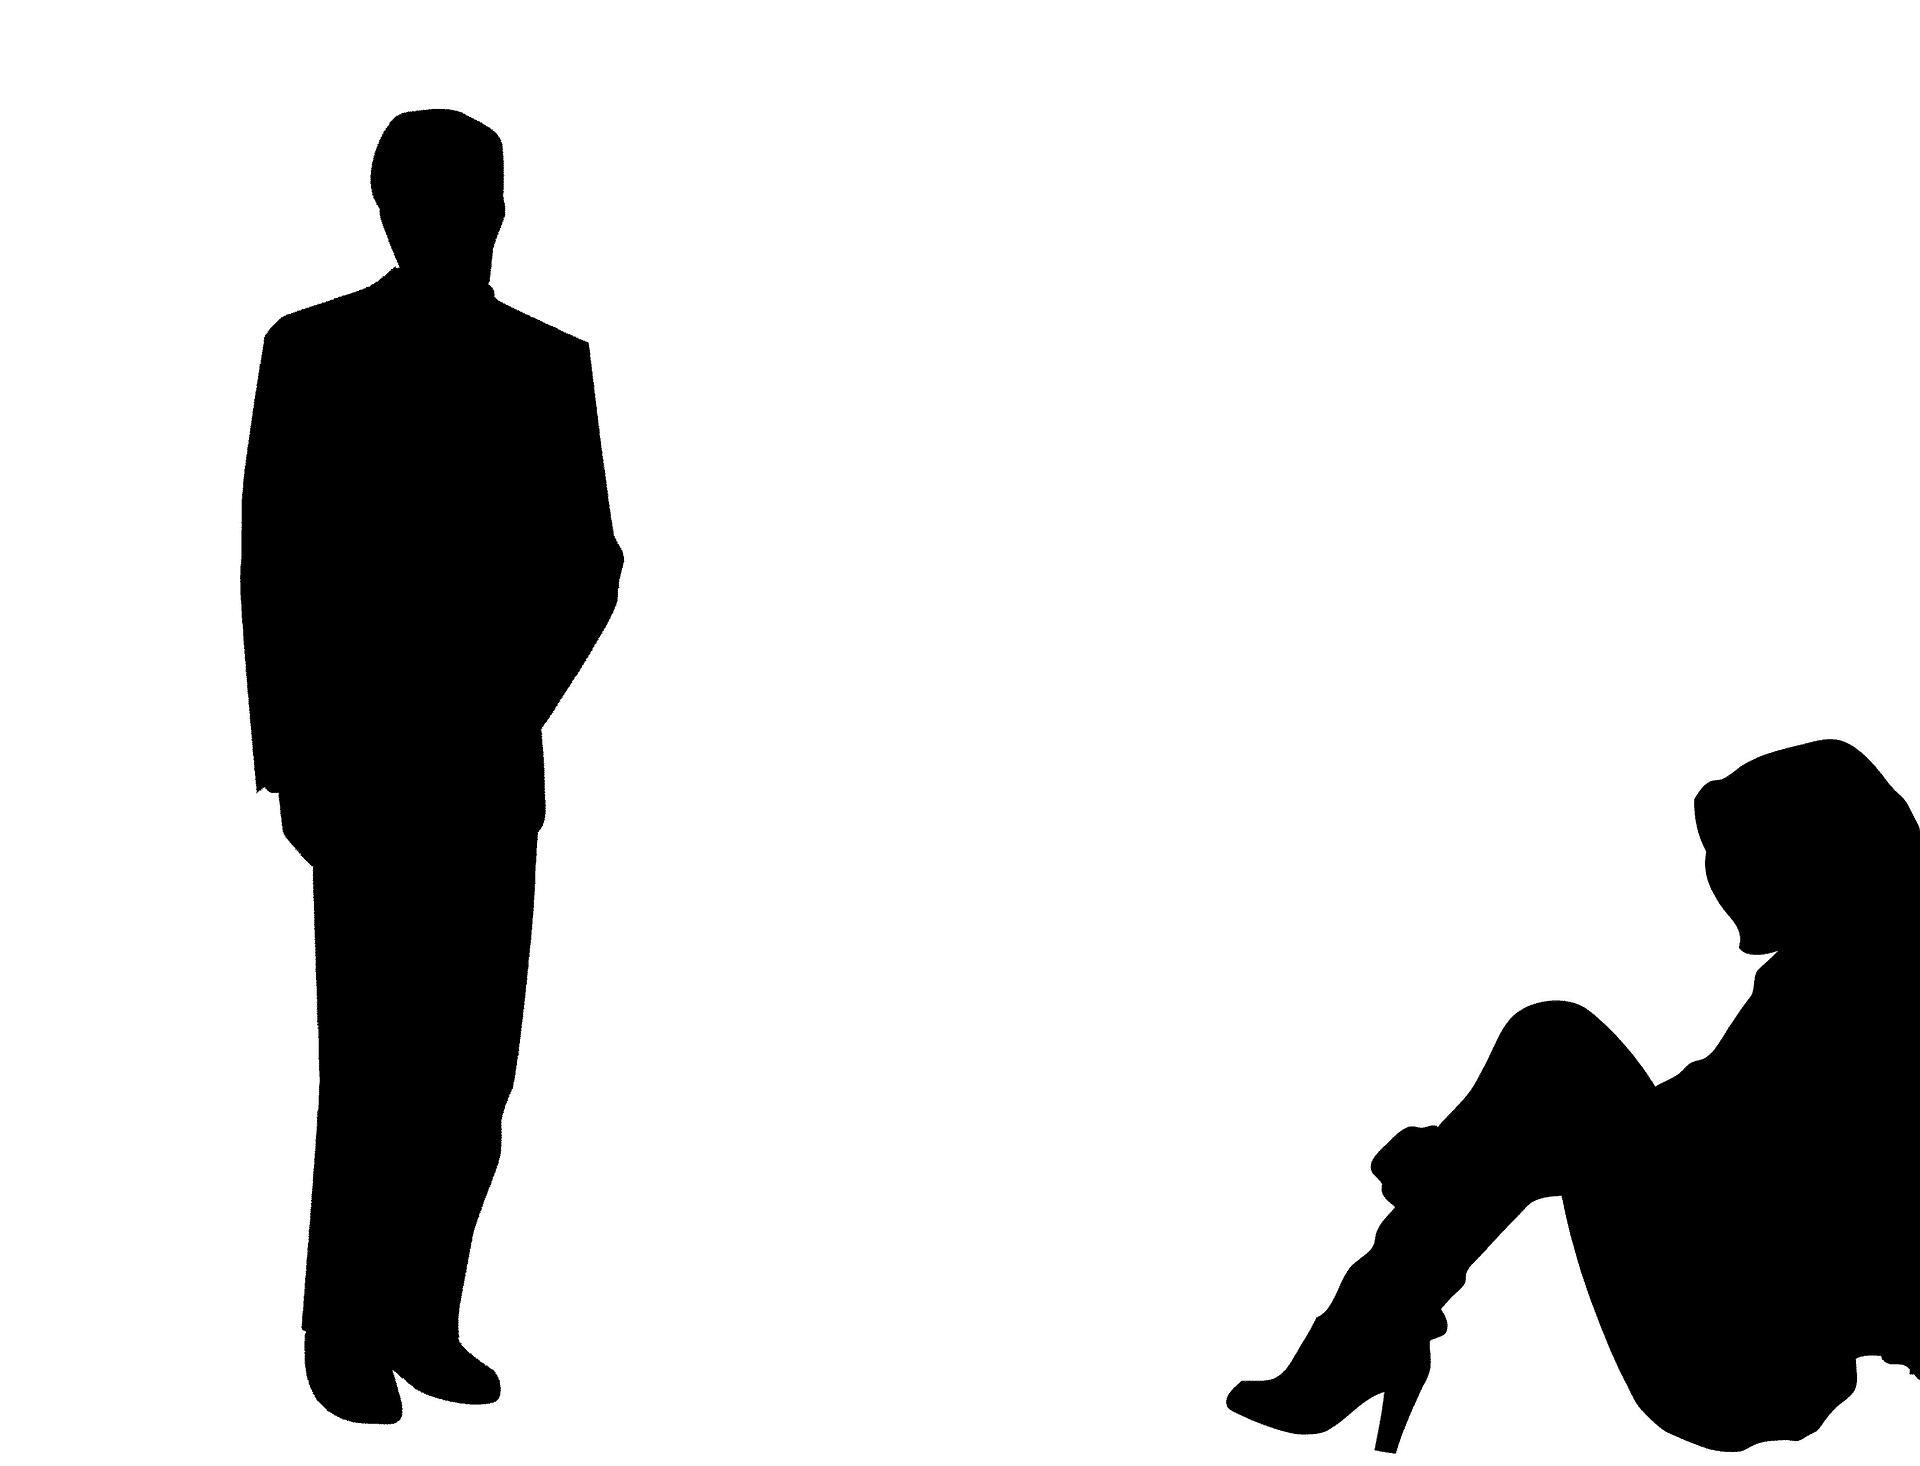 Kérdéseket tehet fel valakinek, amikor először kezdi randevúzni